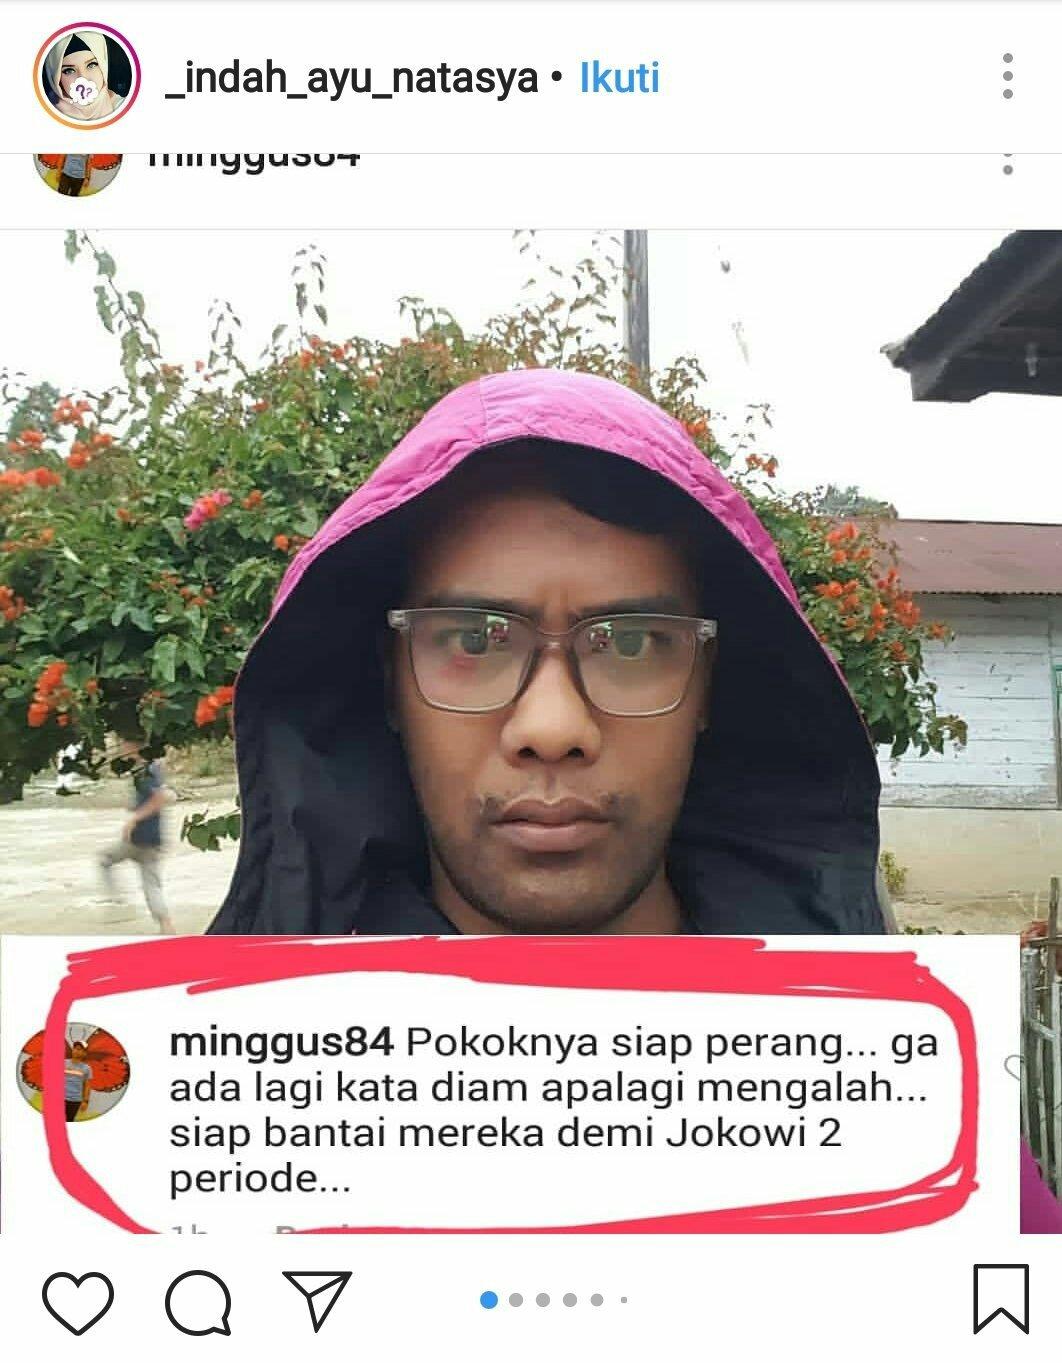 Ngeri, Pendukung Jokowi Siap Perang & Bantai Oposisi, Gak Ada Lagi Diam-diam Apalagi Mengalah